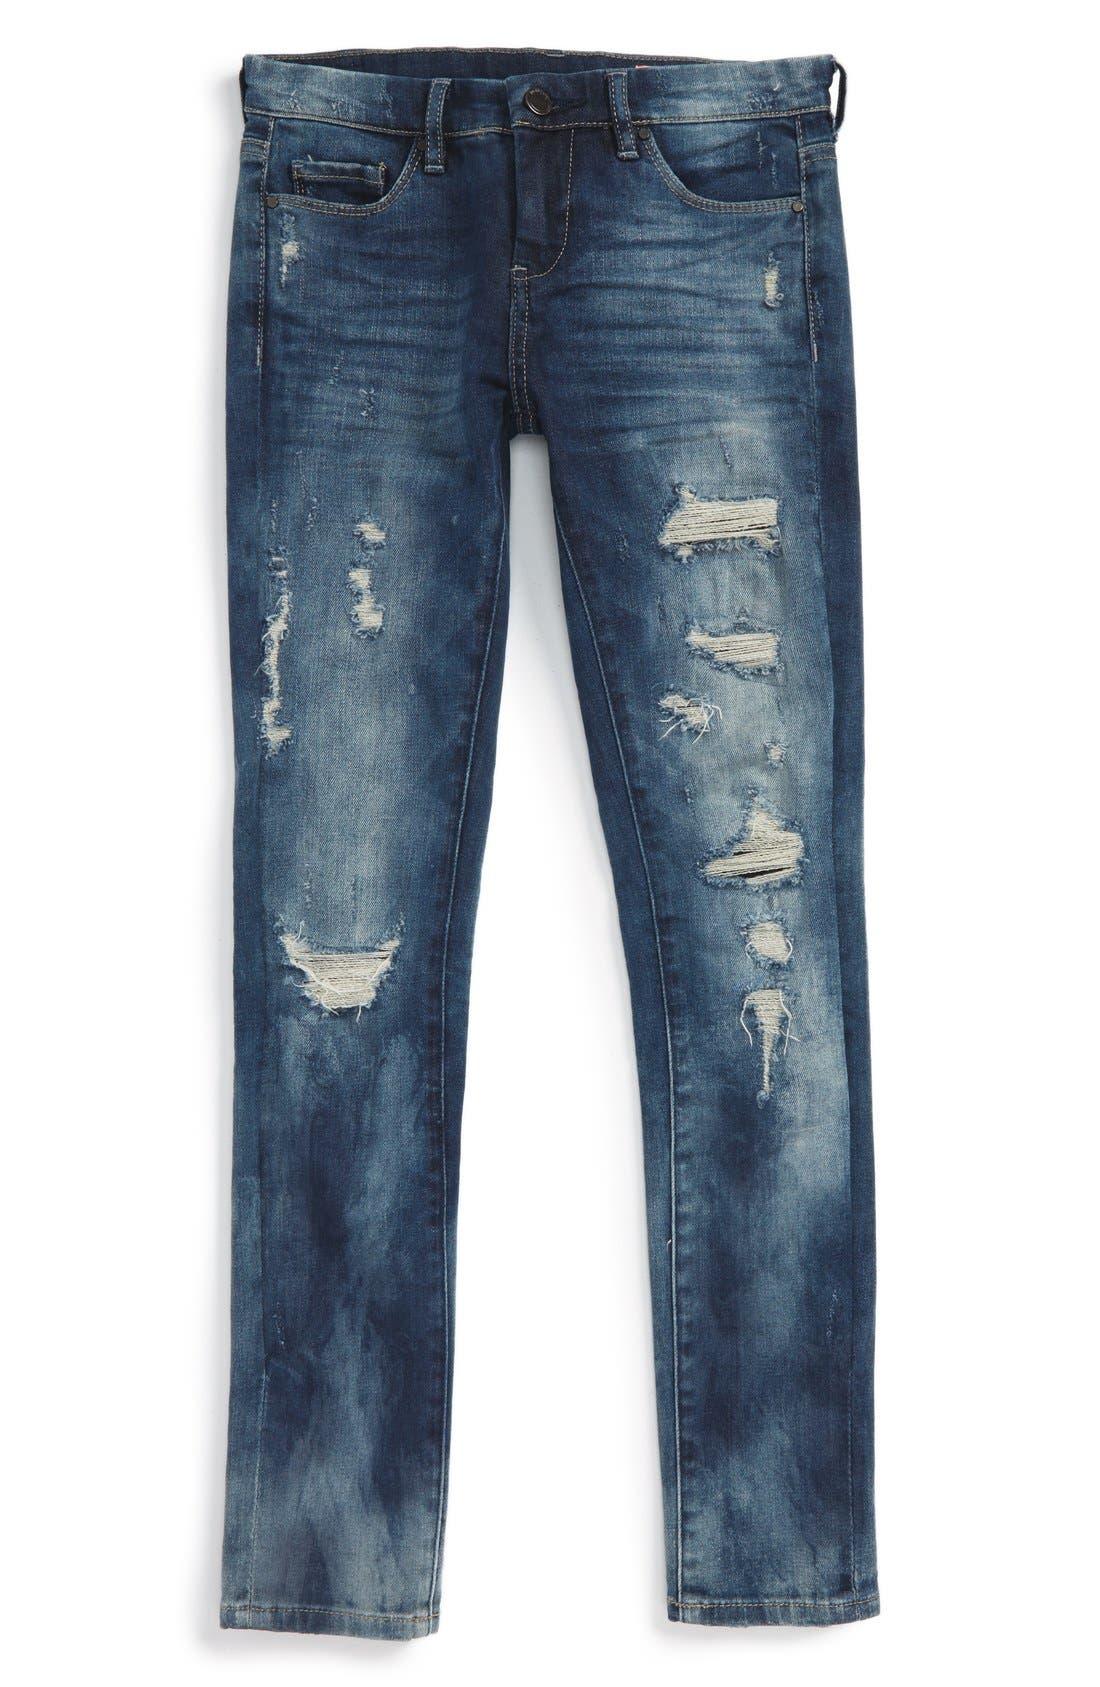 Alternate Image 1 Selected - BLANKNYC Destroyed Boyfriend Jeans (Big Girls)